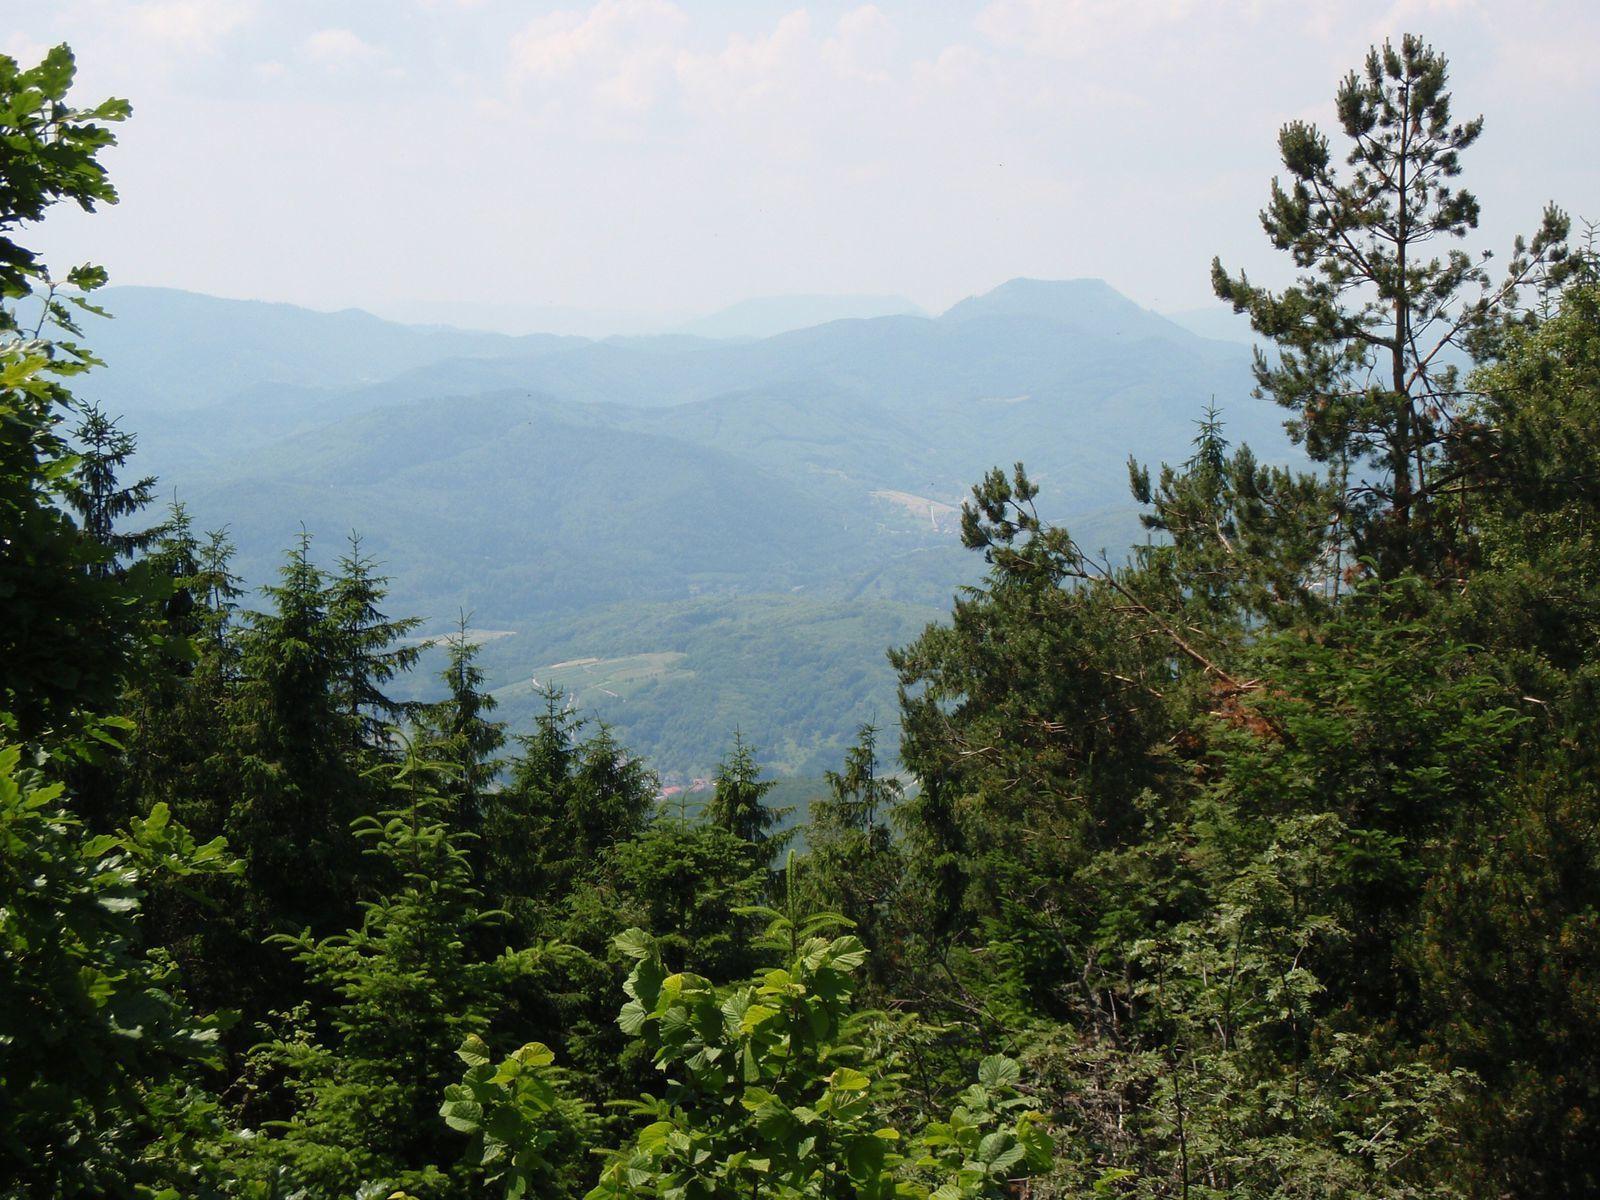 Le sommet et le Climont, depuis le haut de la tour.